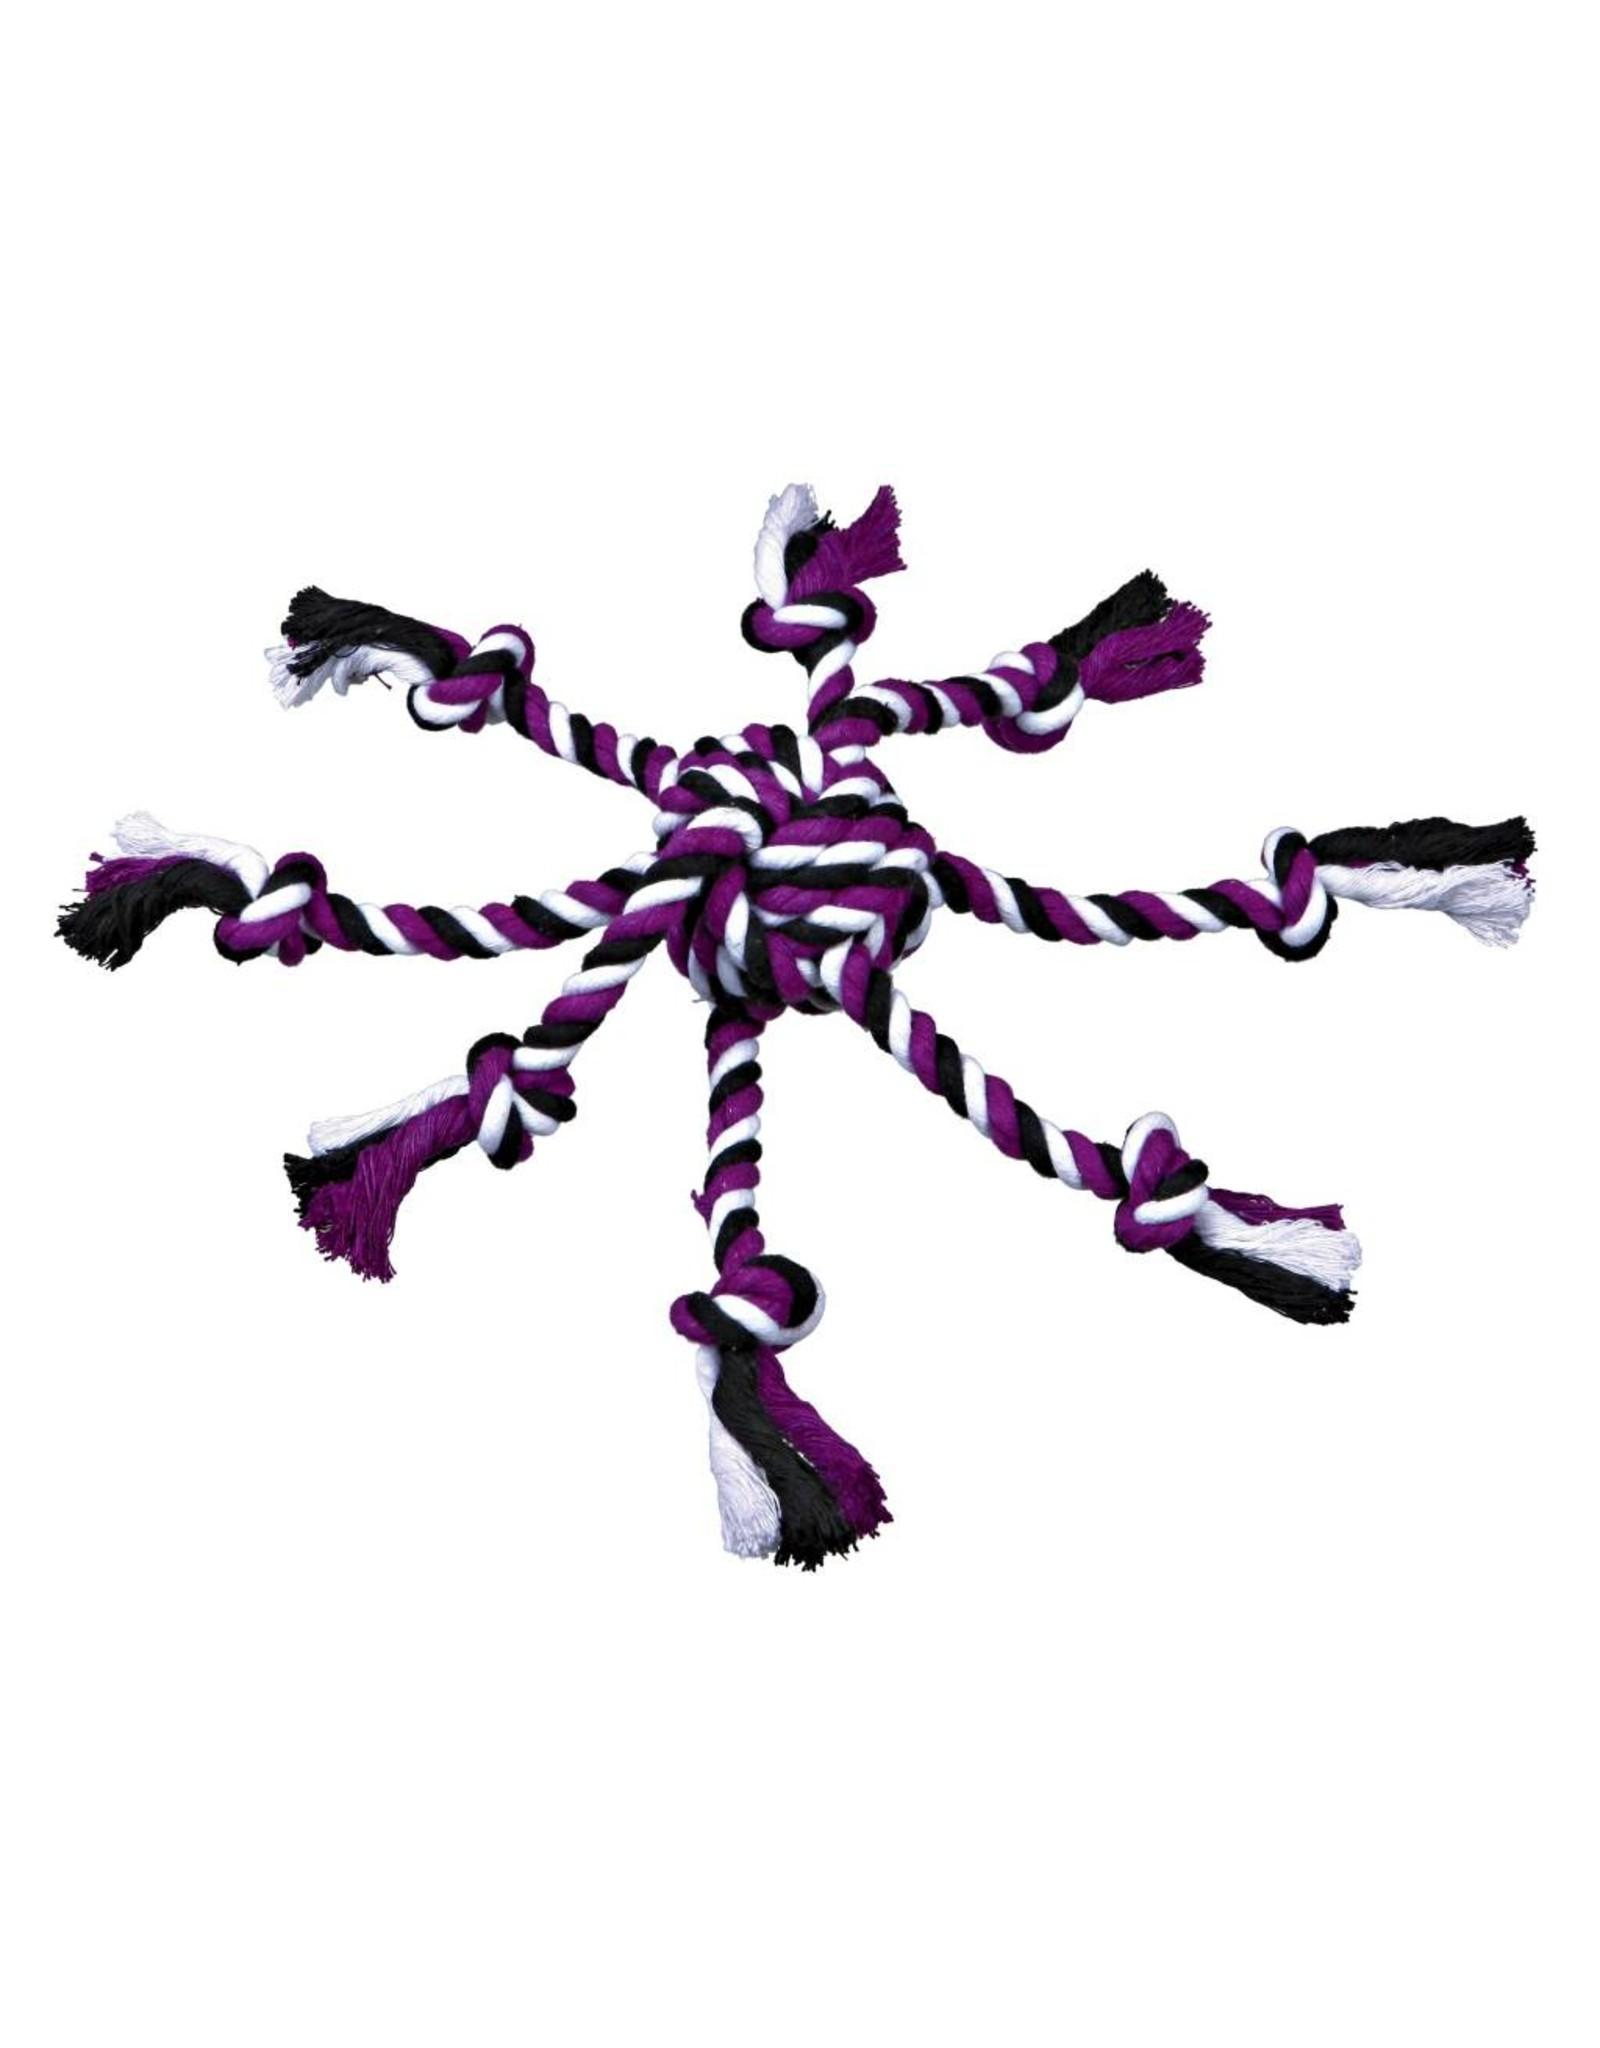 Trixie Denta Fun Rope Dog Toy